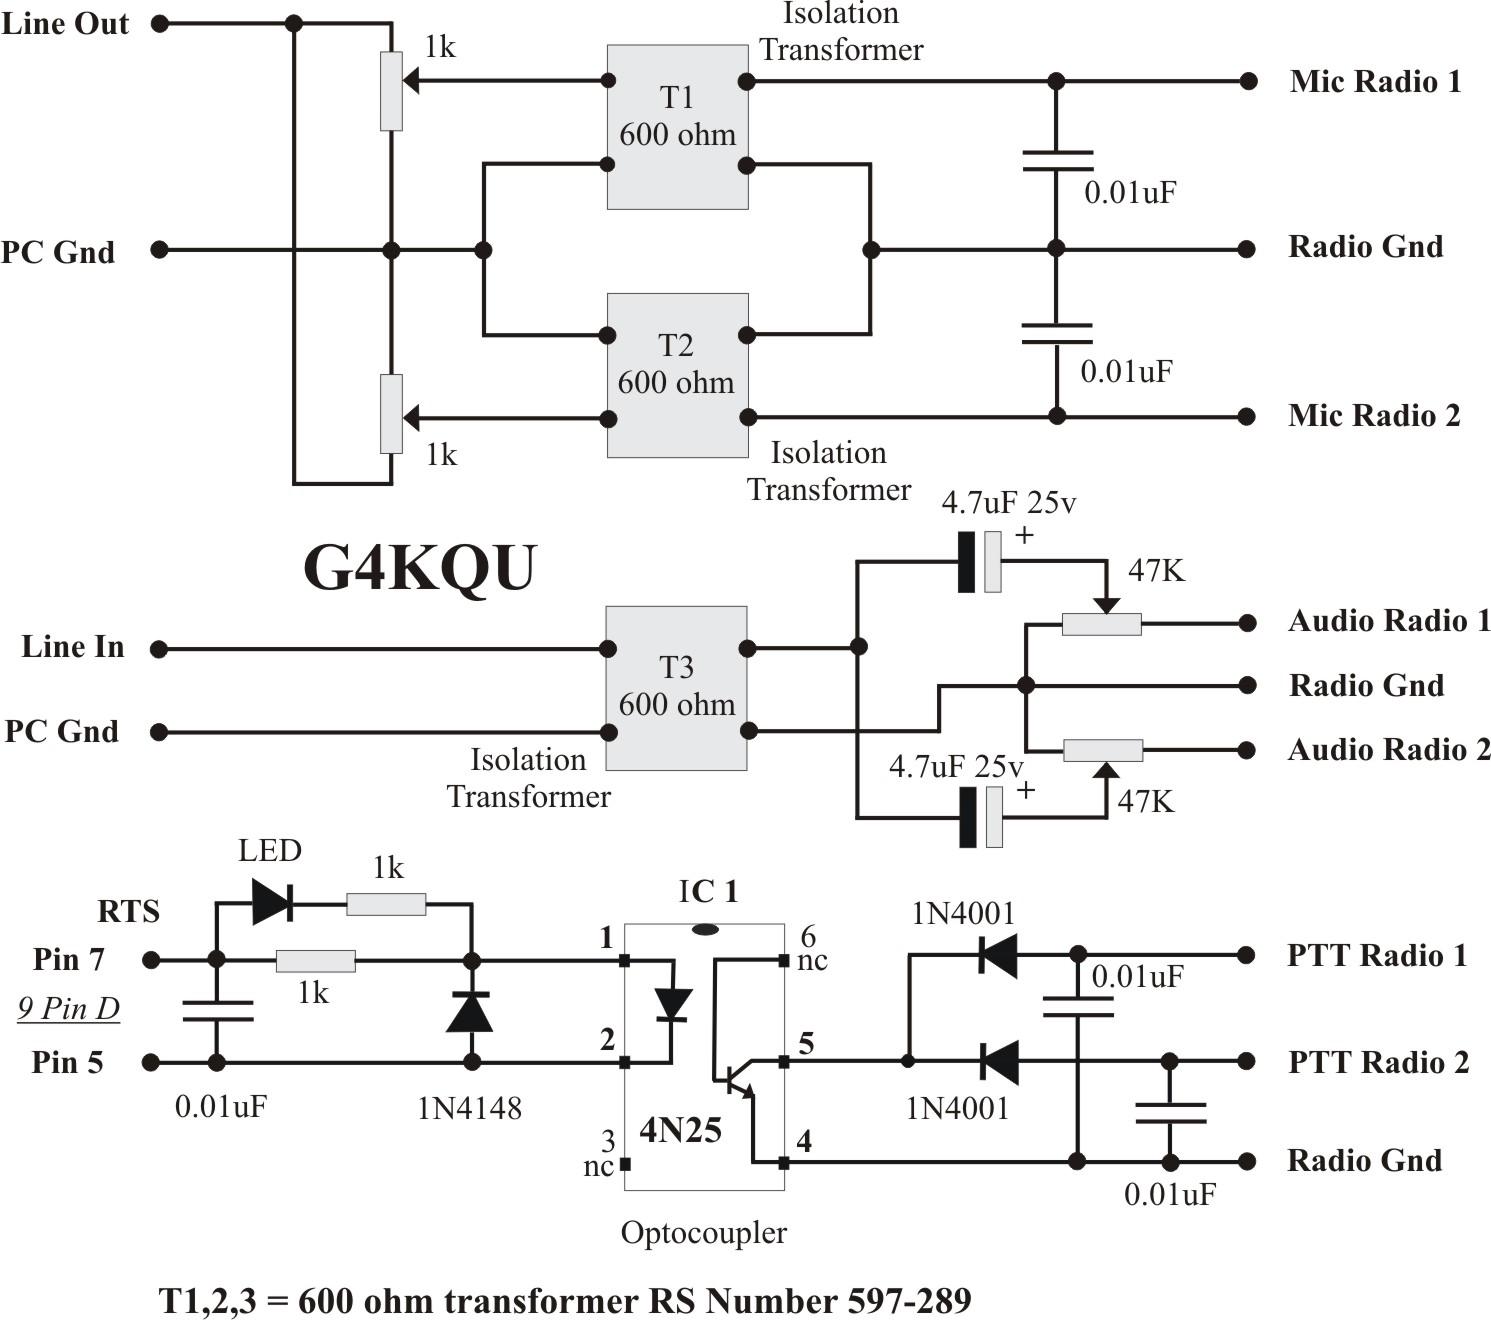 PTT Interface 2 Radio